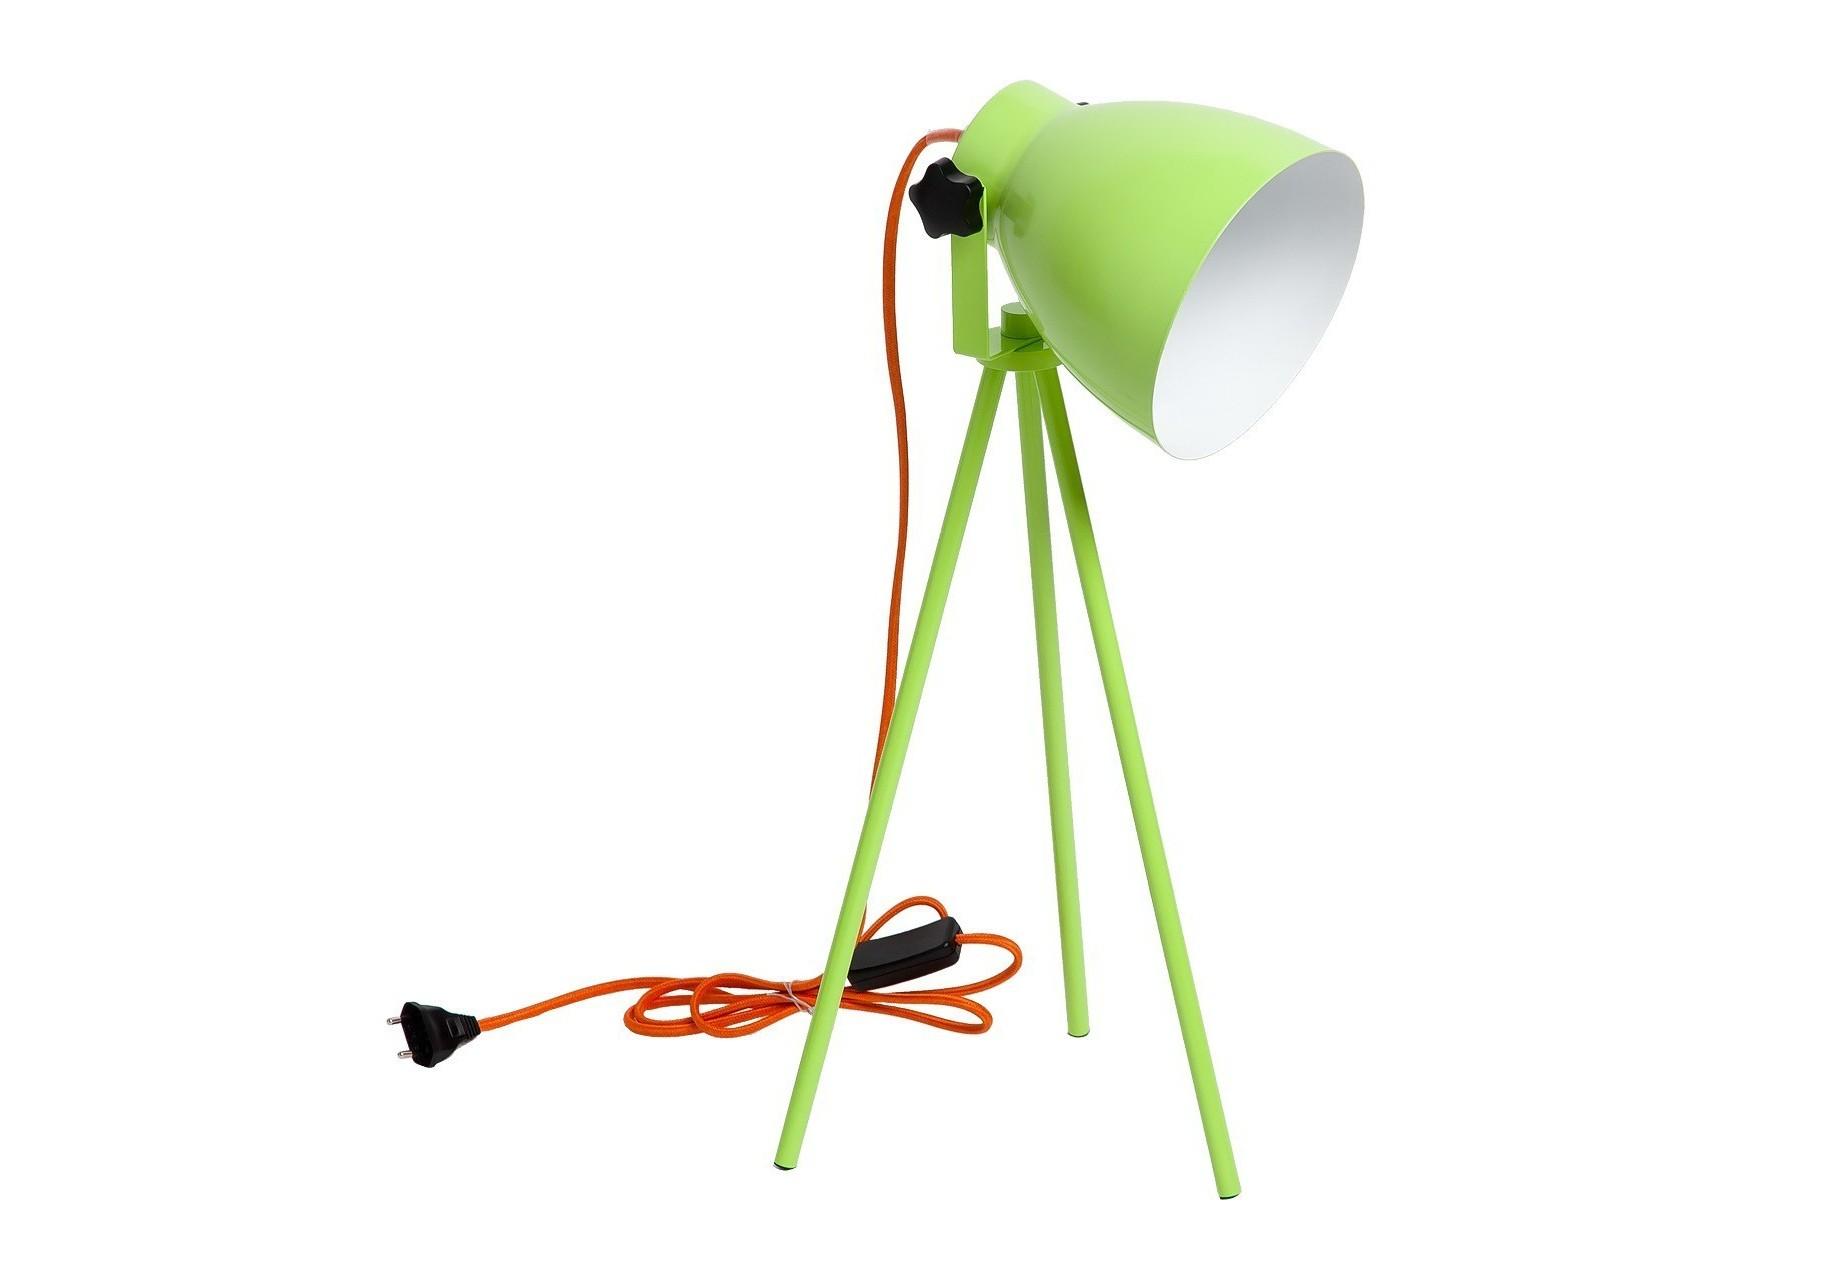 Настольная лампа ХофНастольные лампы<br>Цоколь: E14,&amp;amp;nbsp;&amp;lt;div&amp;gt;Мощность лампы: 40W,&amp;amp;nbsp;&amp;lt;/div&amp;gt;&amp;lt;div&amp;gt;Количество ламп: 1&amp;amp;nbsp;&amp;lt;/div&amp;gt;&amp;lt;div&amp;gt;Без лампочек в комплекте.&amp;lt;/div&amp;gt;<br><br>Material: Металл<br>Height см: 54<br>Diameter см: 20